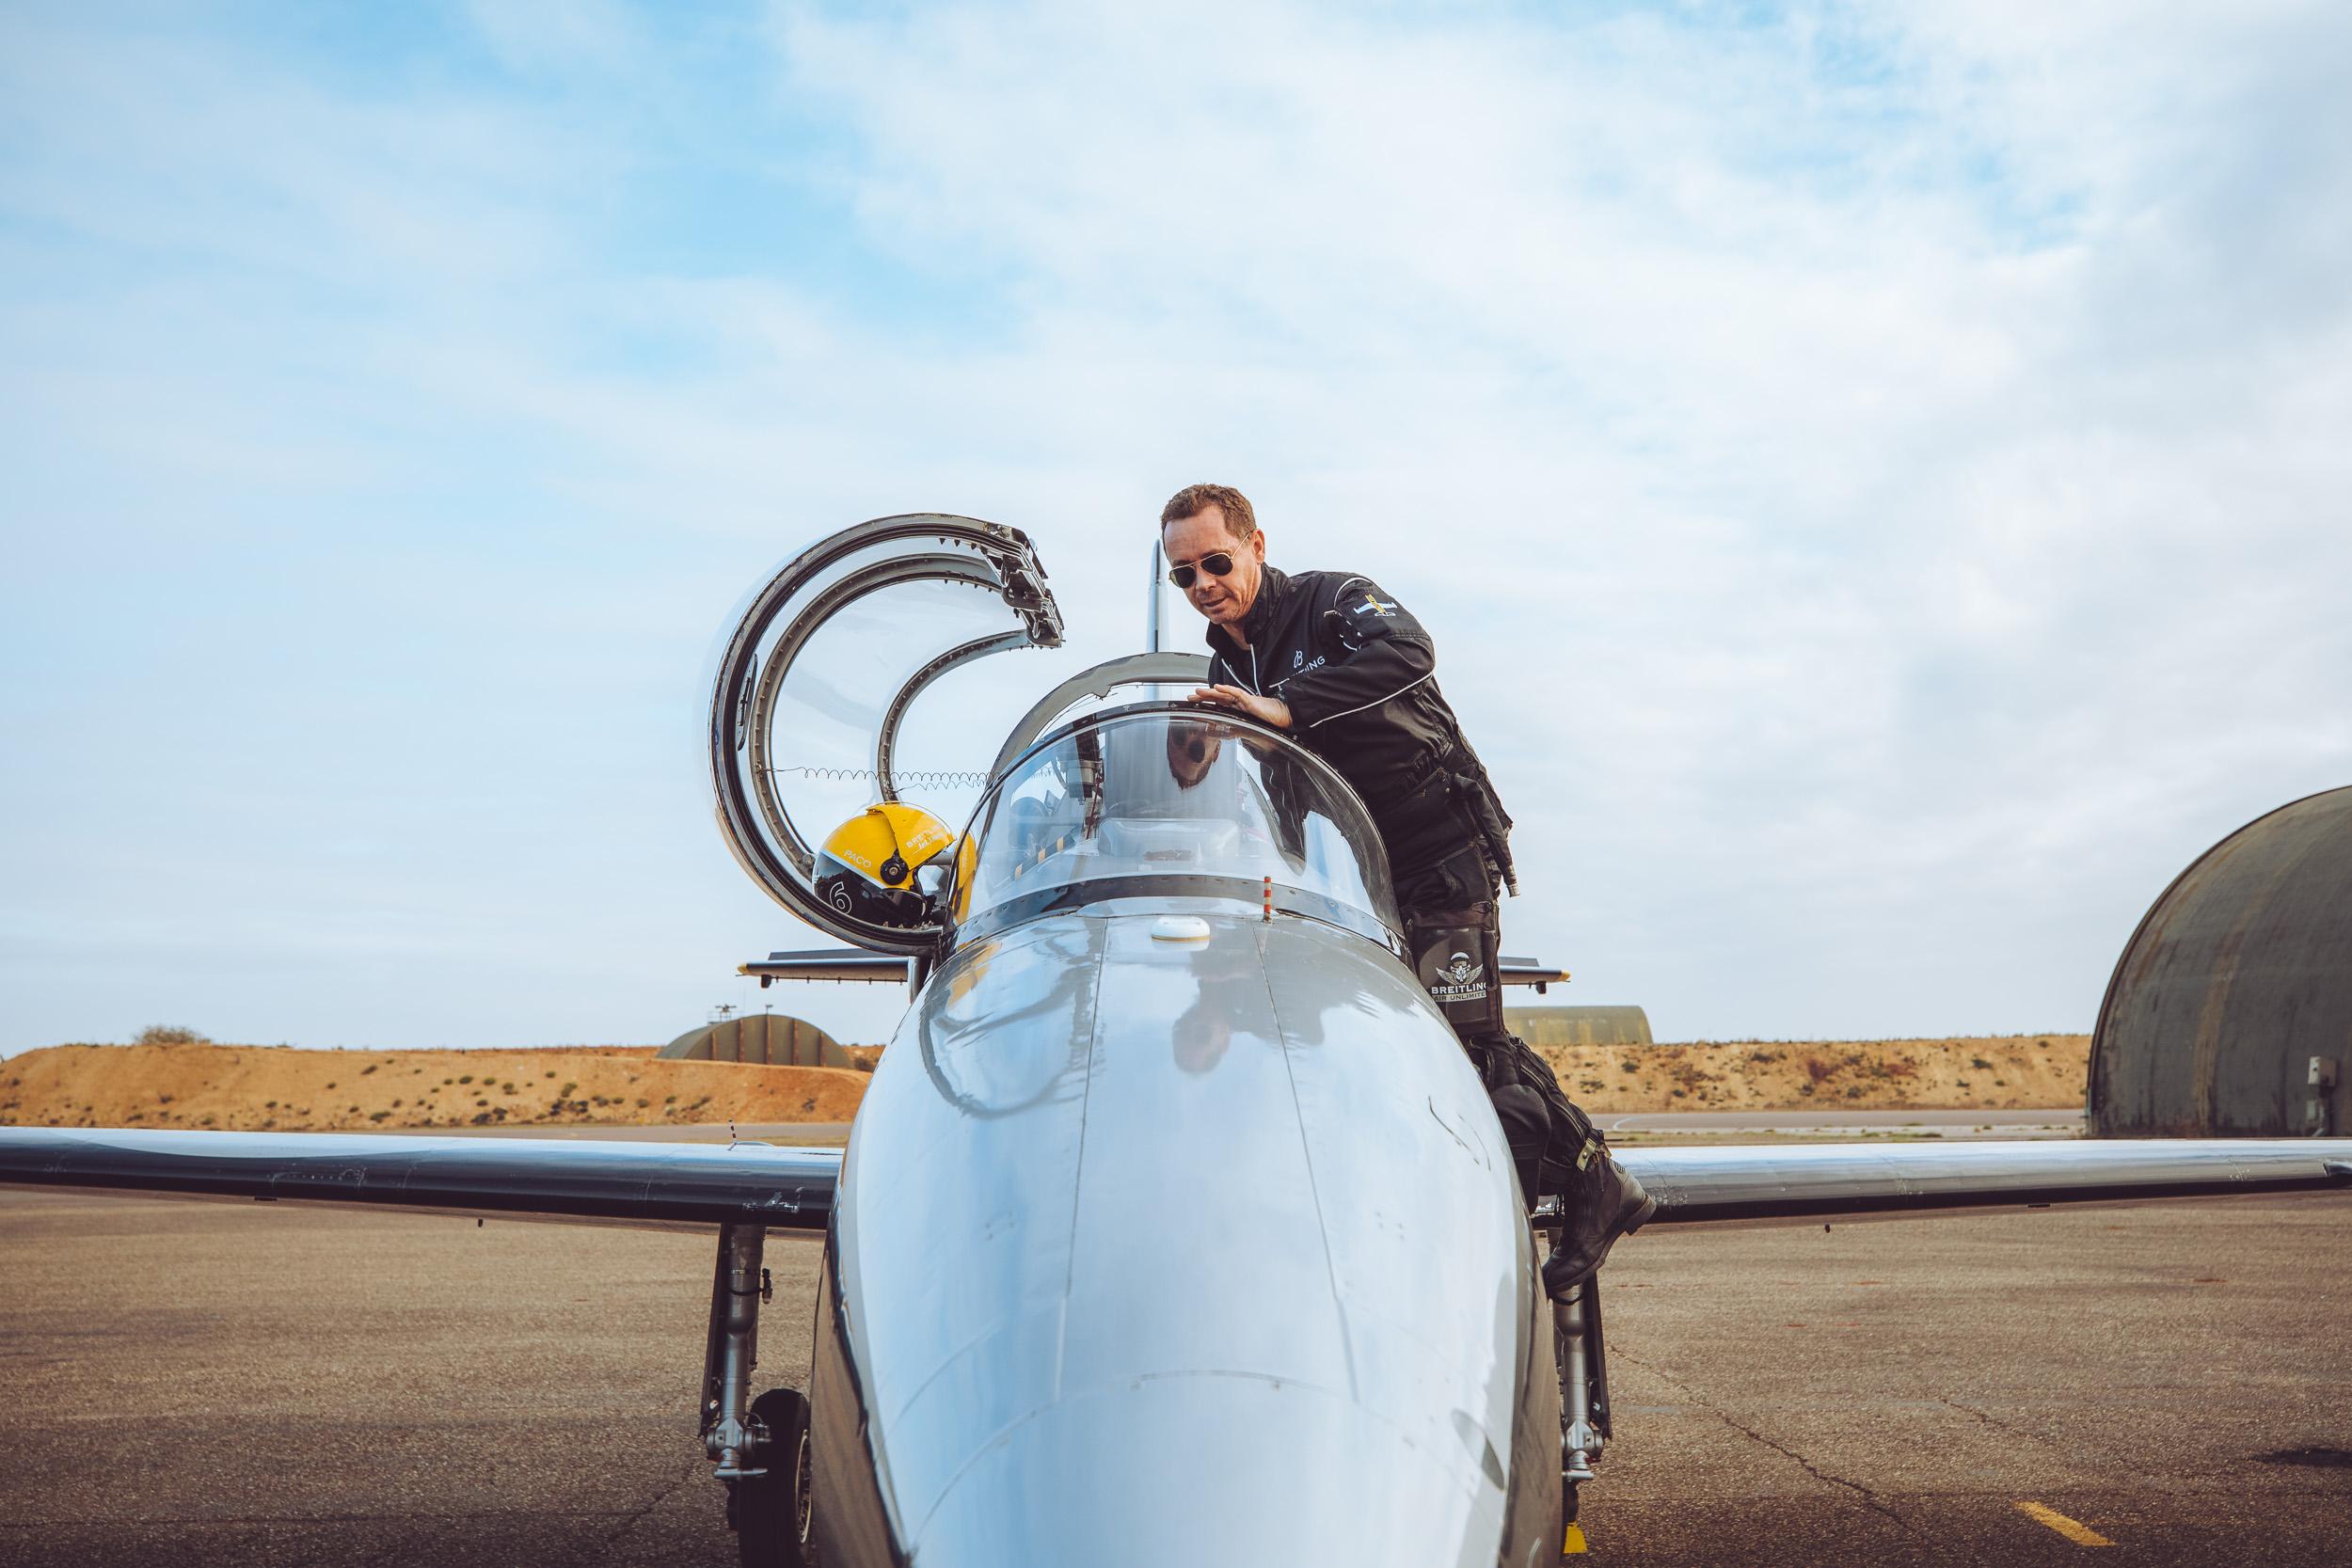 201810-Breitling-Jets-Finn_Beales-13.jpg